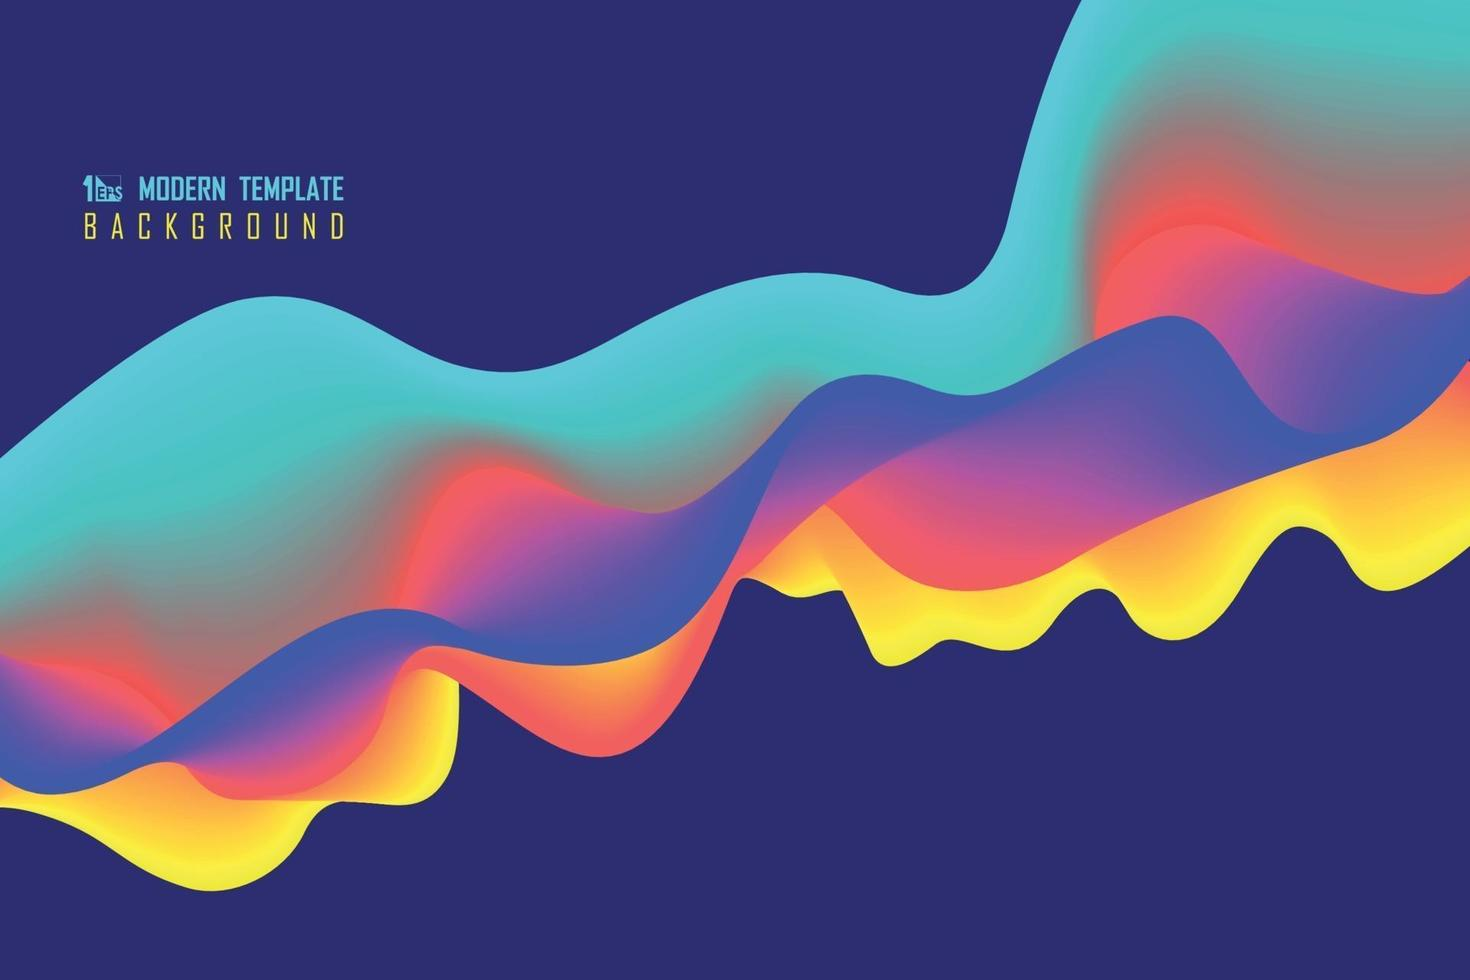 diseño ondulado colorido abstracto del fondo del movimiento de la decoración. vector de ilustración